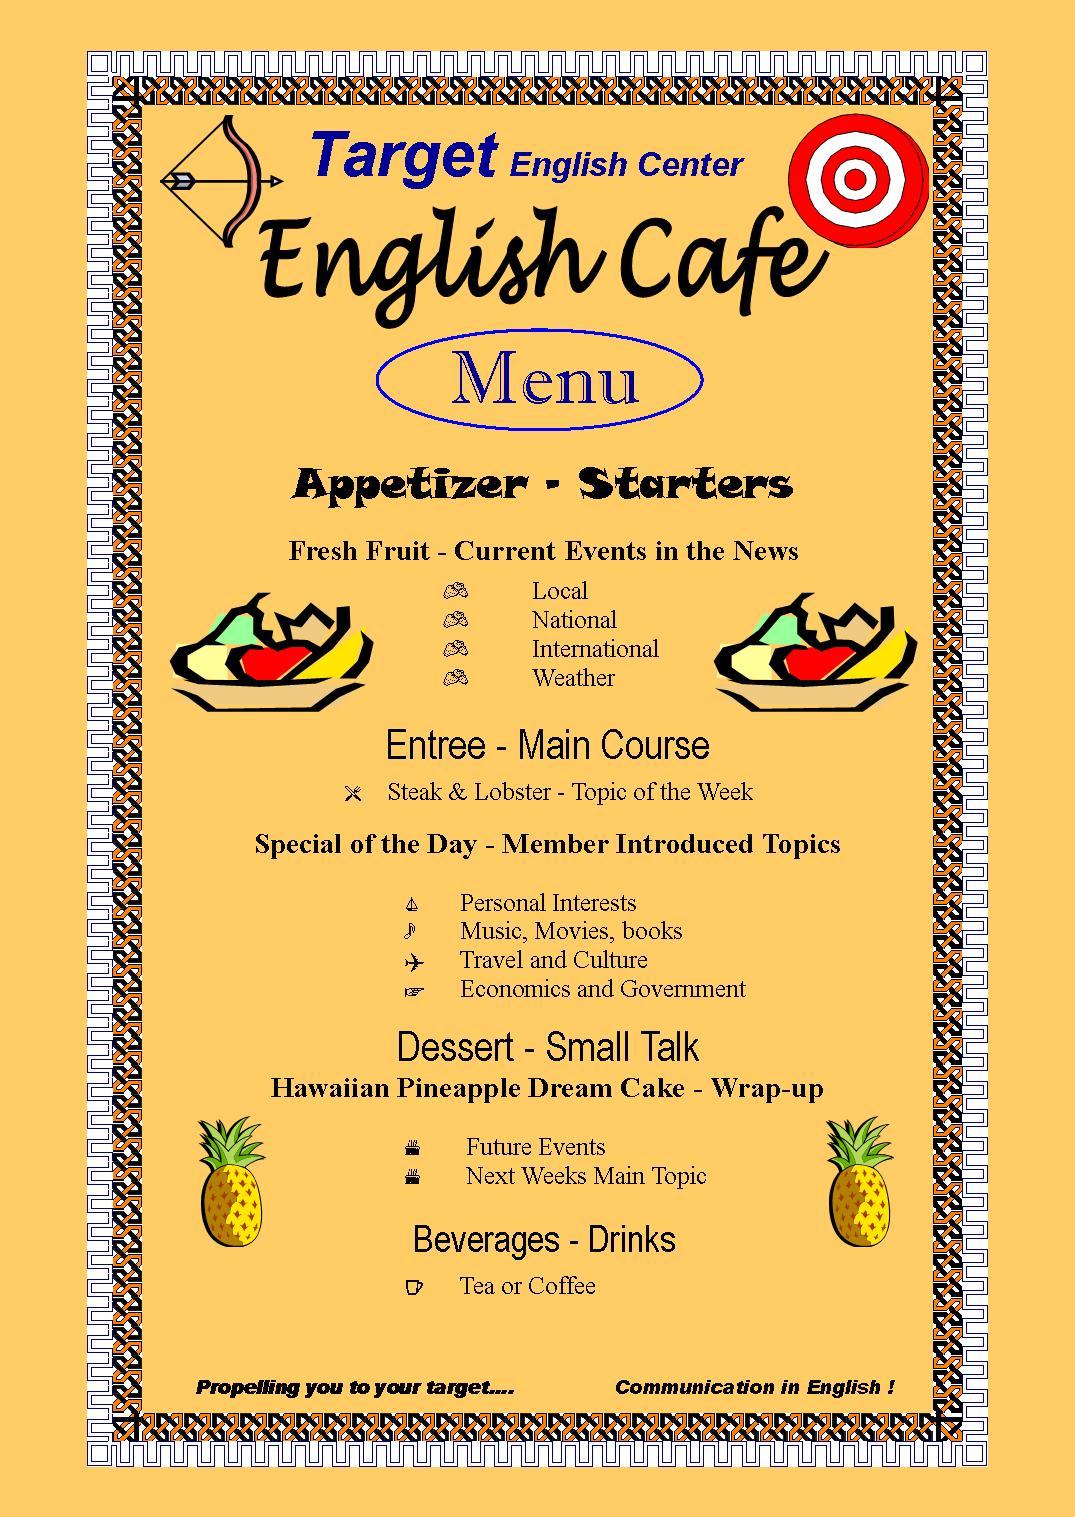 Как сделать заказ на английском языке